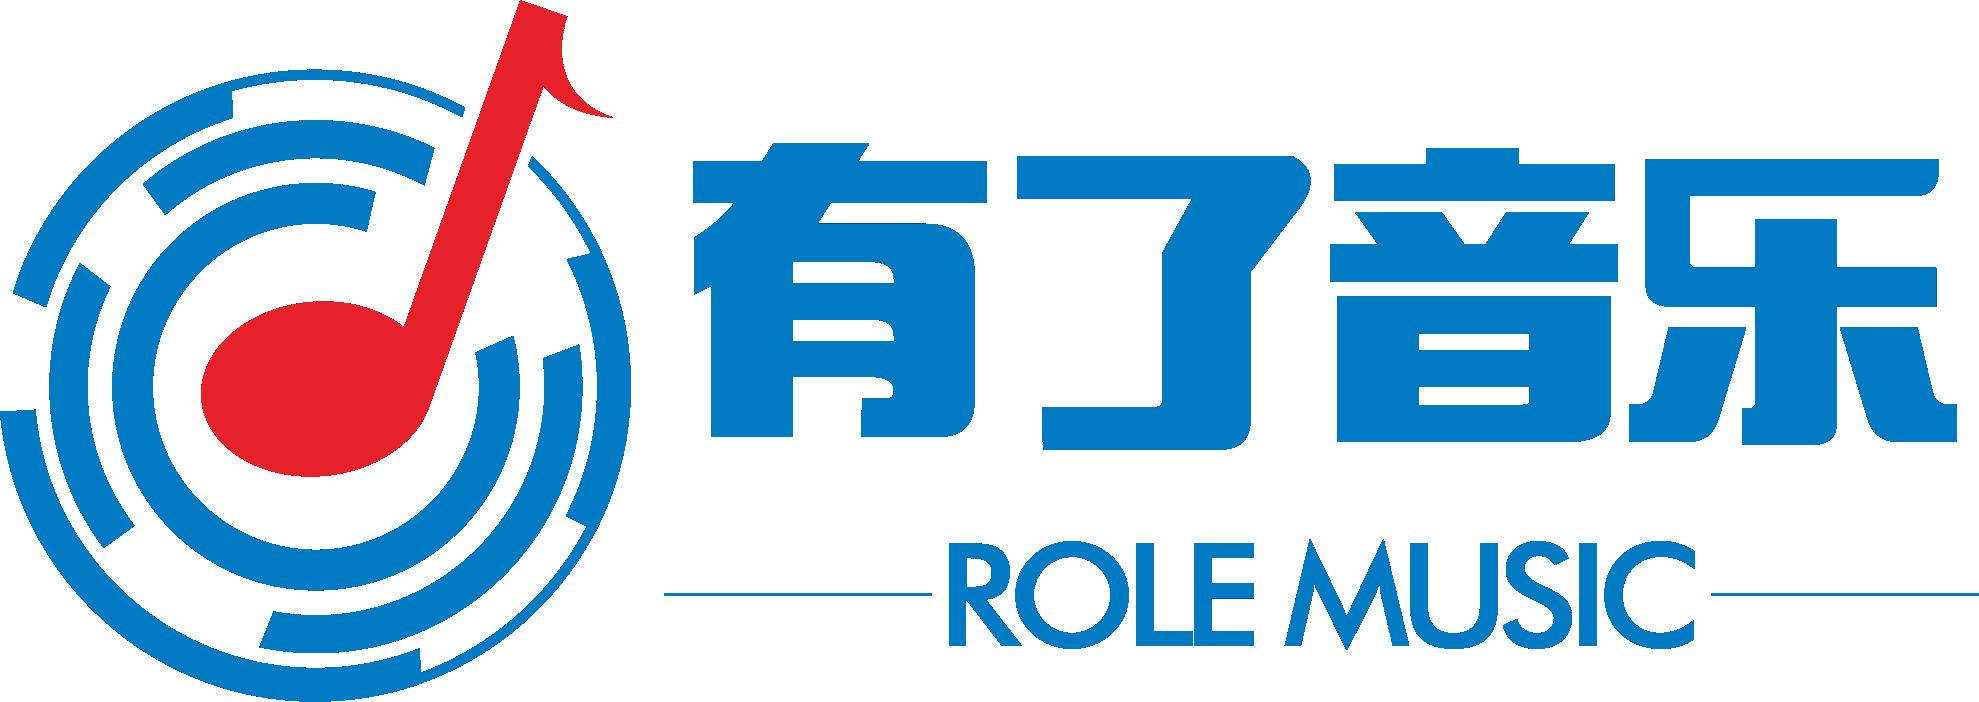 上海有了音乐制作有限公司